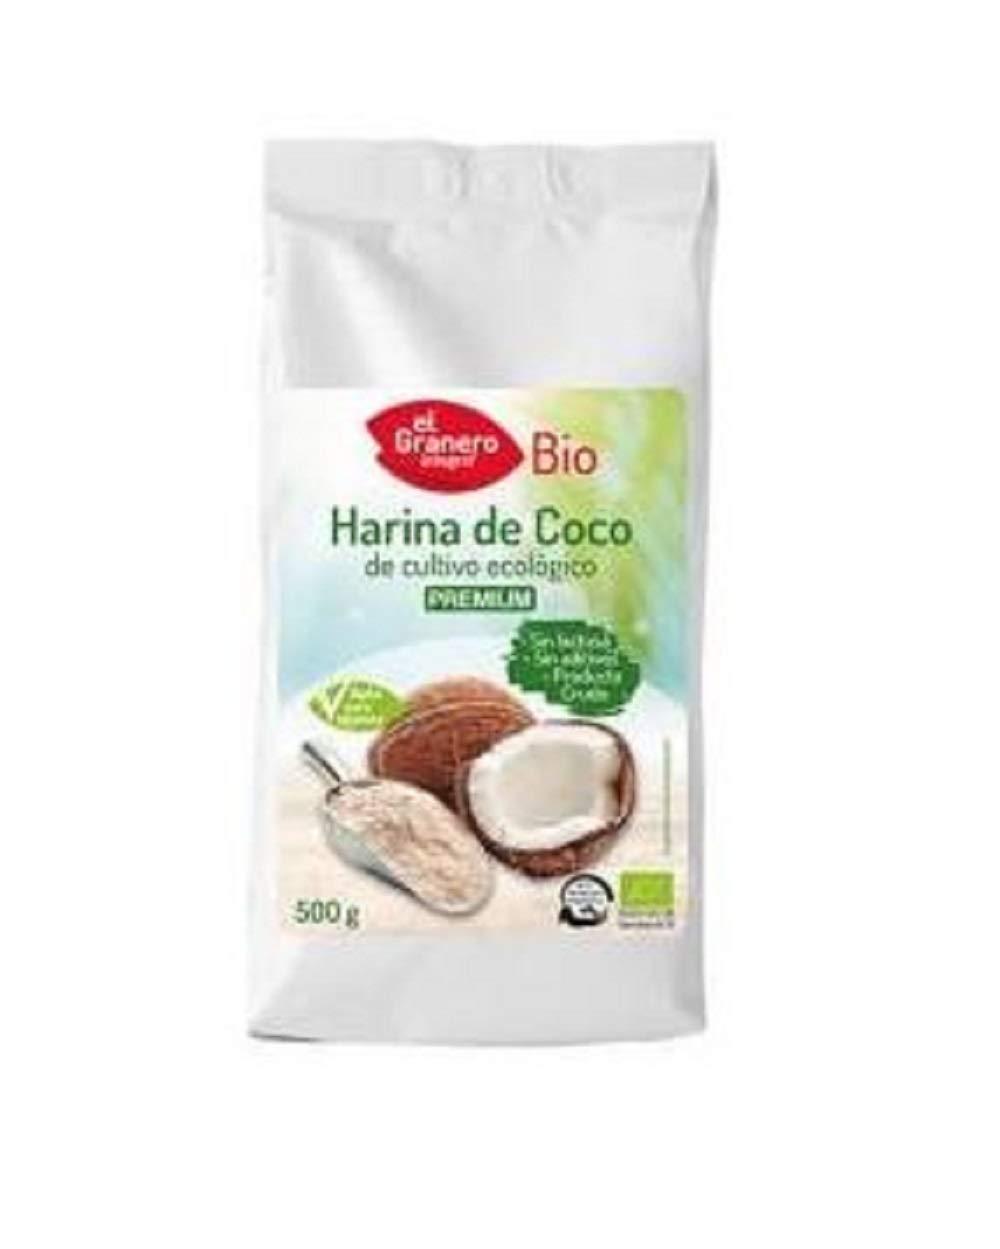 Harina de Coco Bio 500G - El Granero: Amazon.es: Alimentación y ...